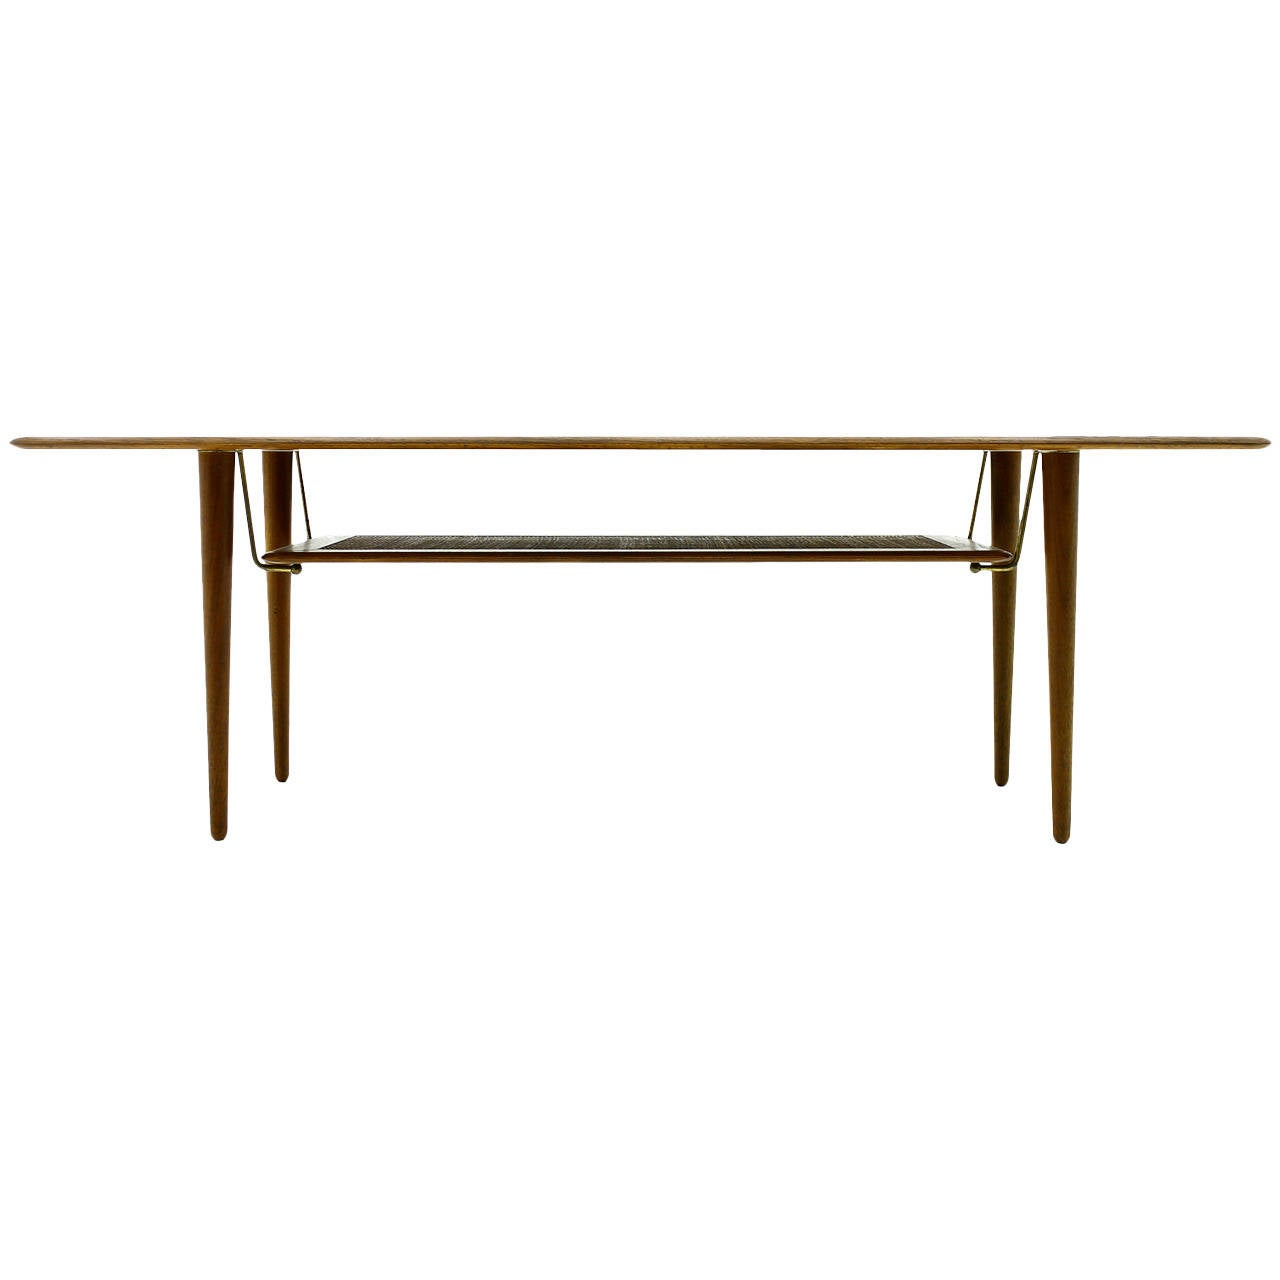 Beautiful Teak Wood Coffee Table by Peter Hvidt & Orla Molgaard Nielsen, DK 1956